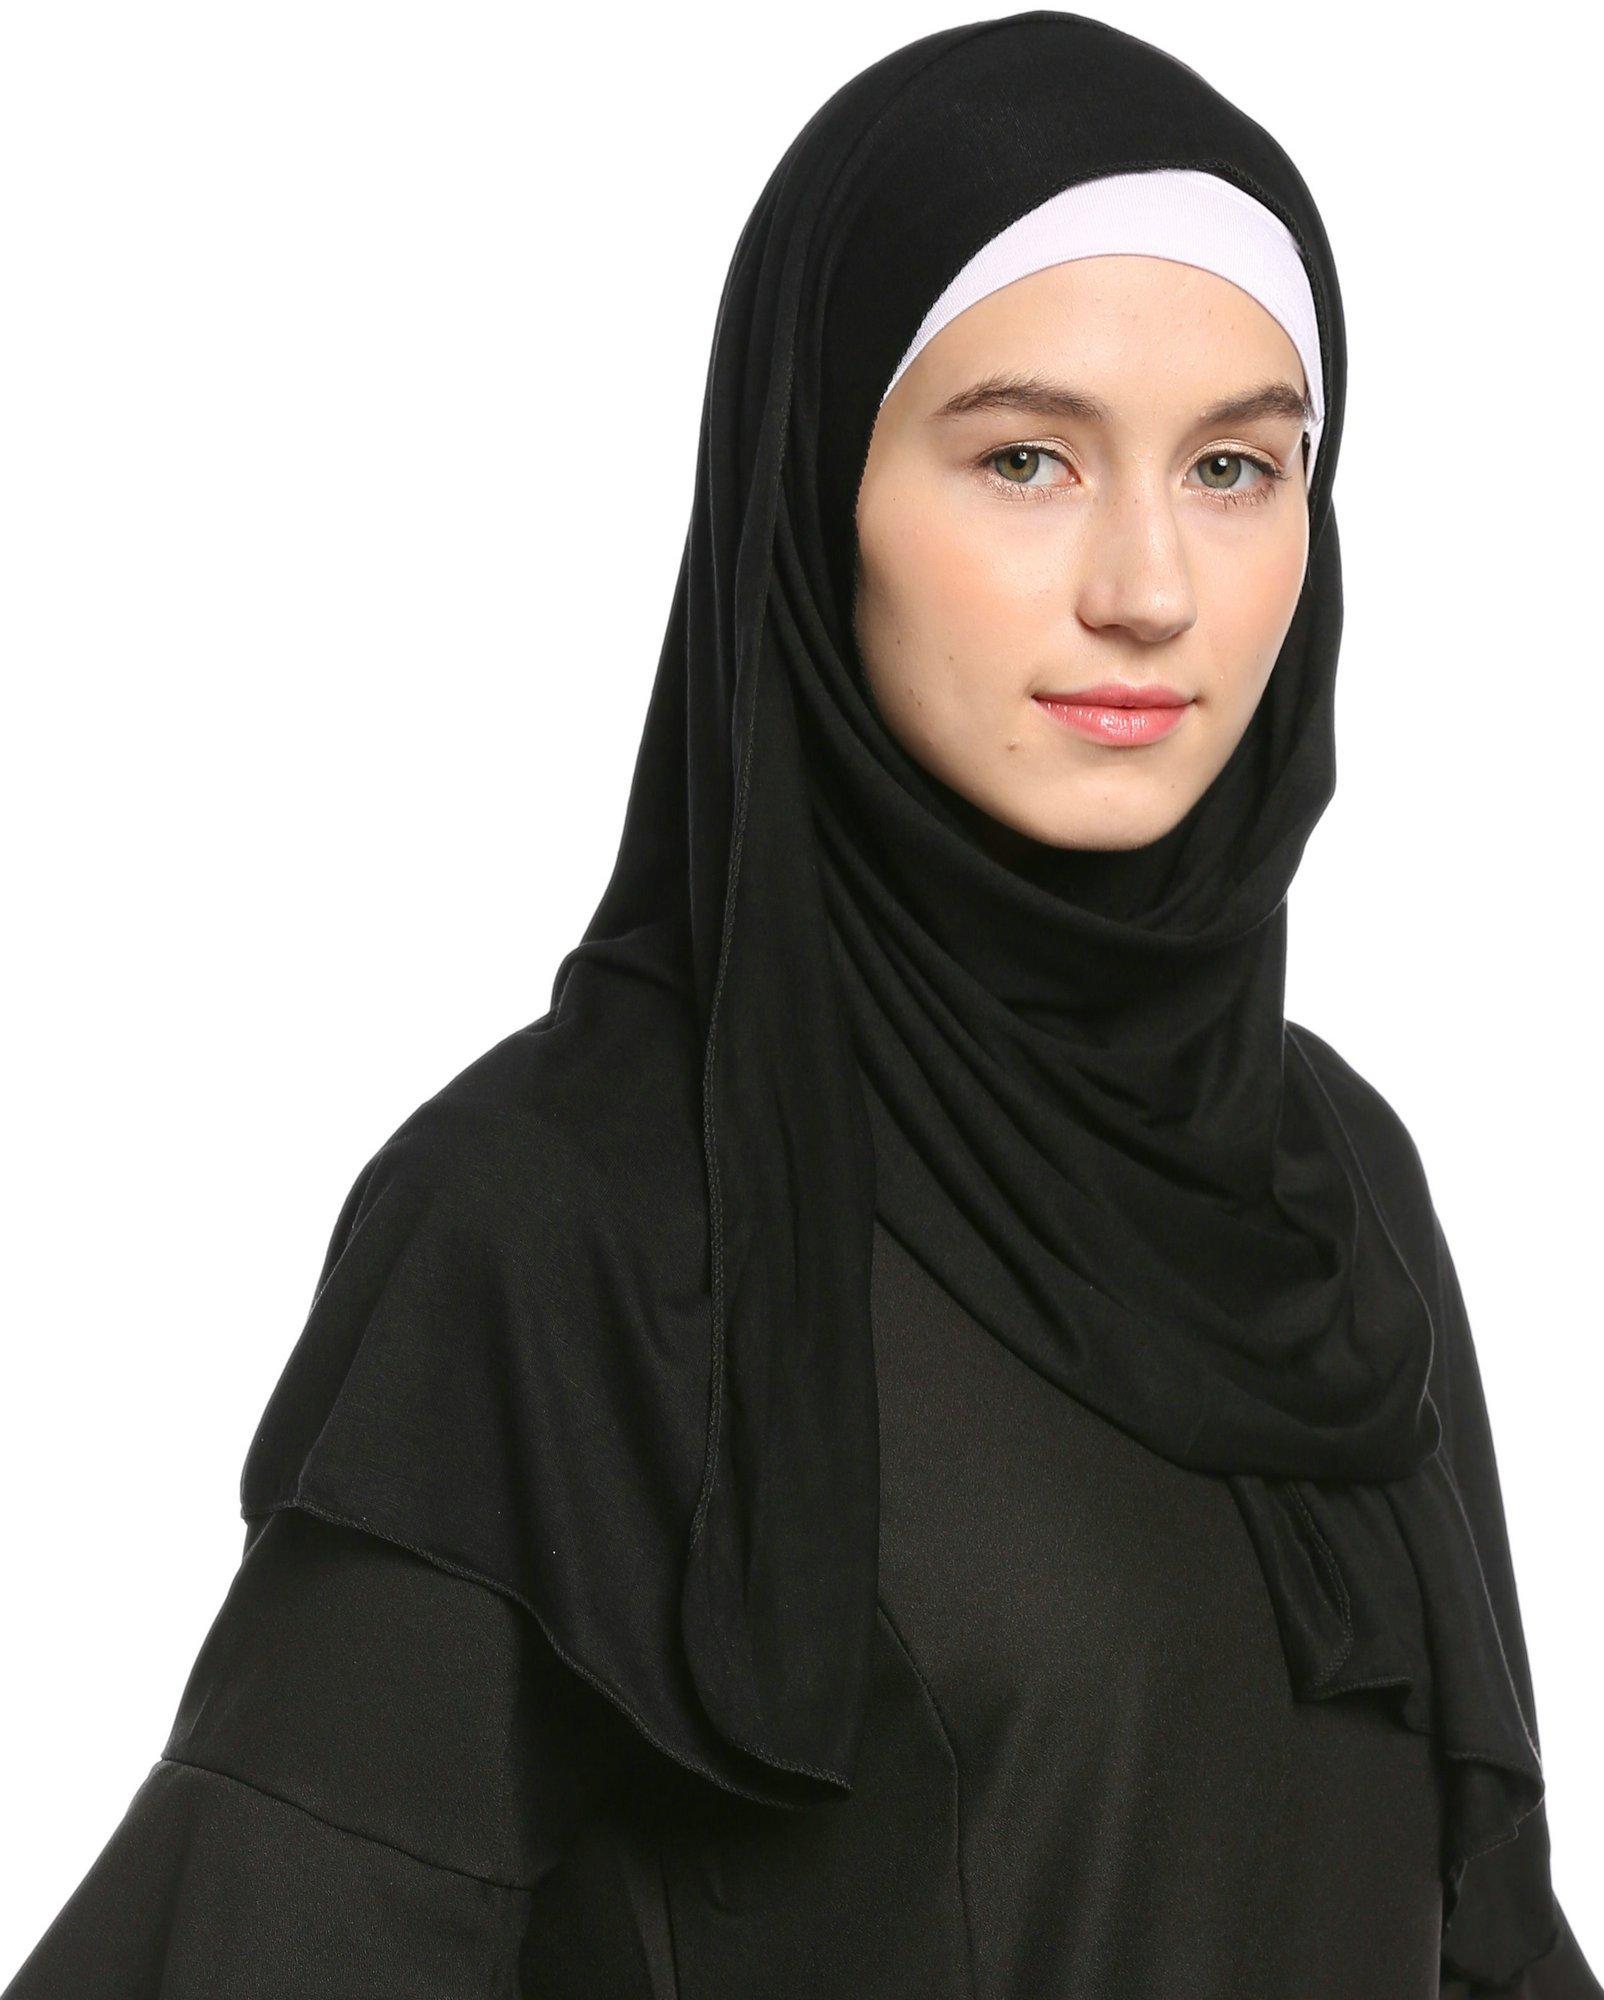 Ababalaya Fashion Womens Lightweight 100%Cotton Jersey Hijab Scarf, Black, One Size by Ababalaya (Image #5)